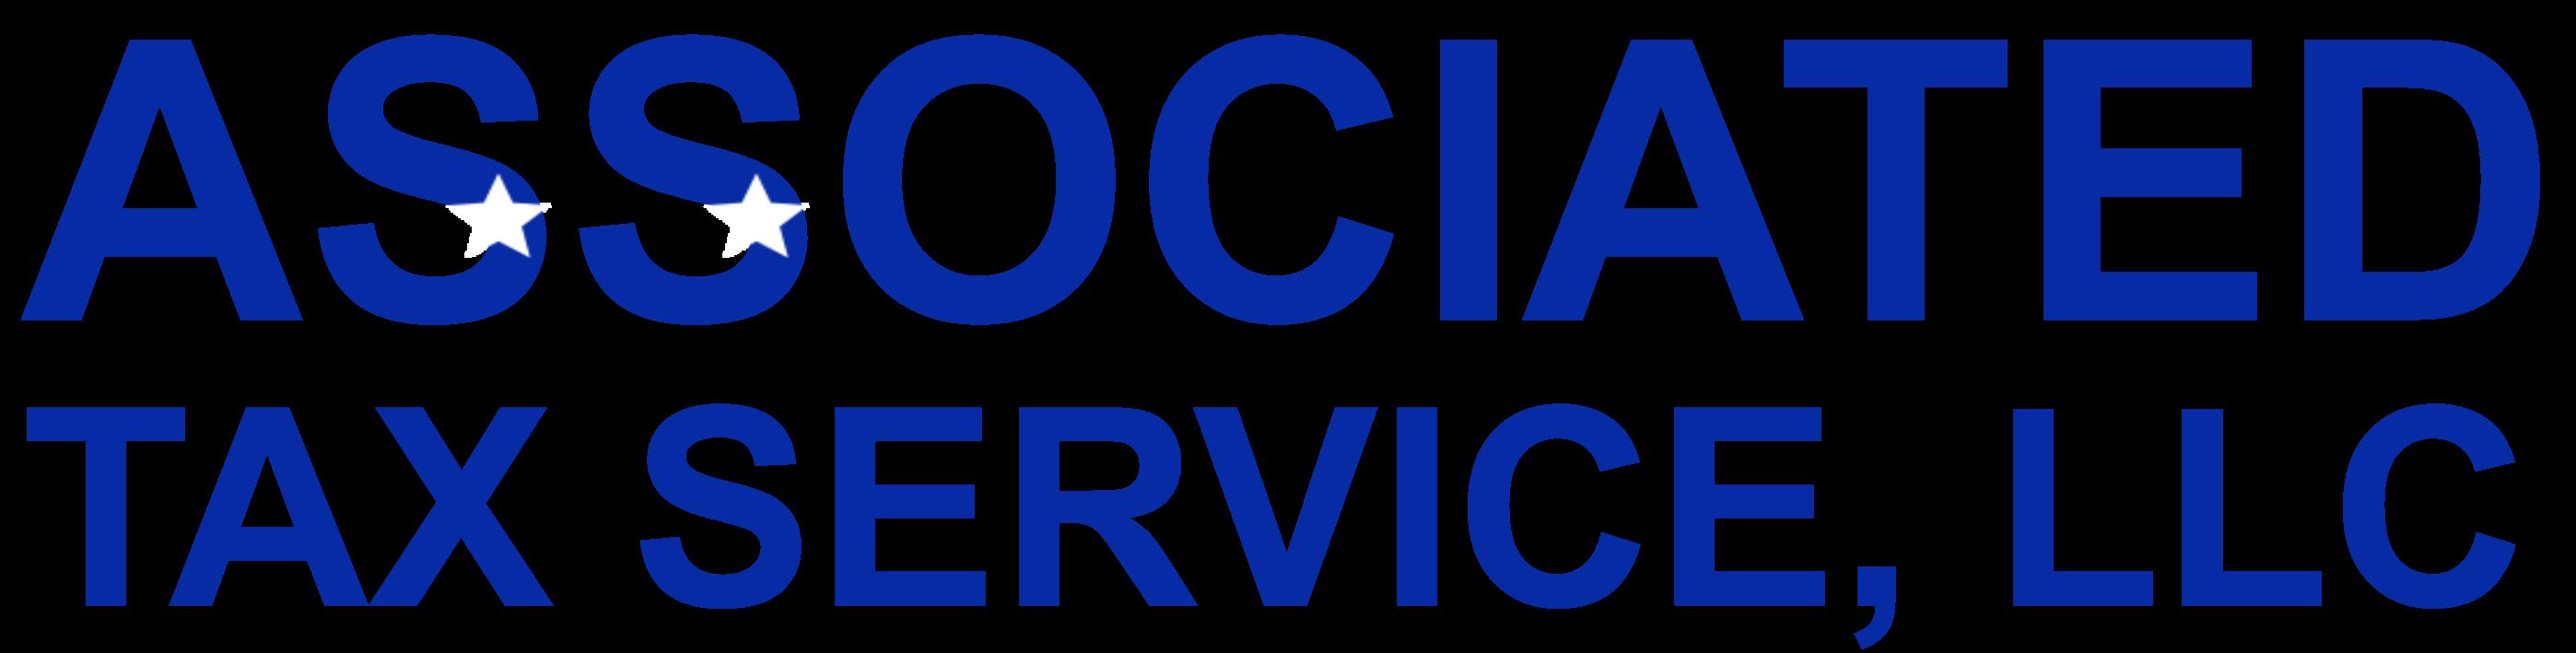 Associated Tax Service, LLC.